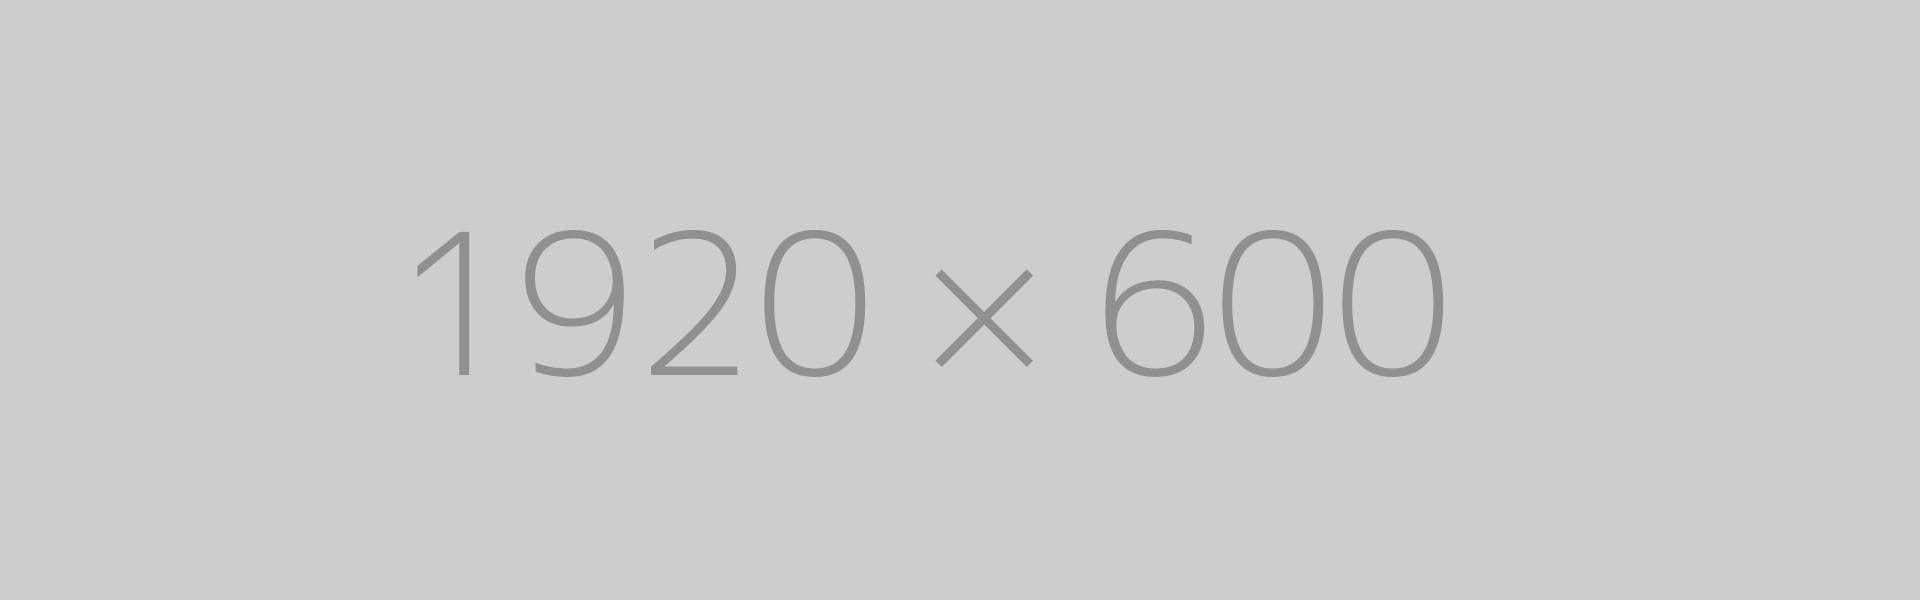 hongo 1920x600 ph